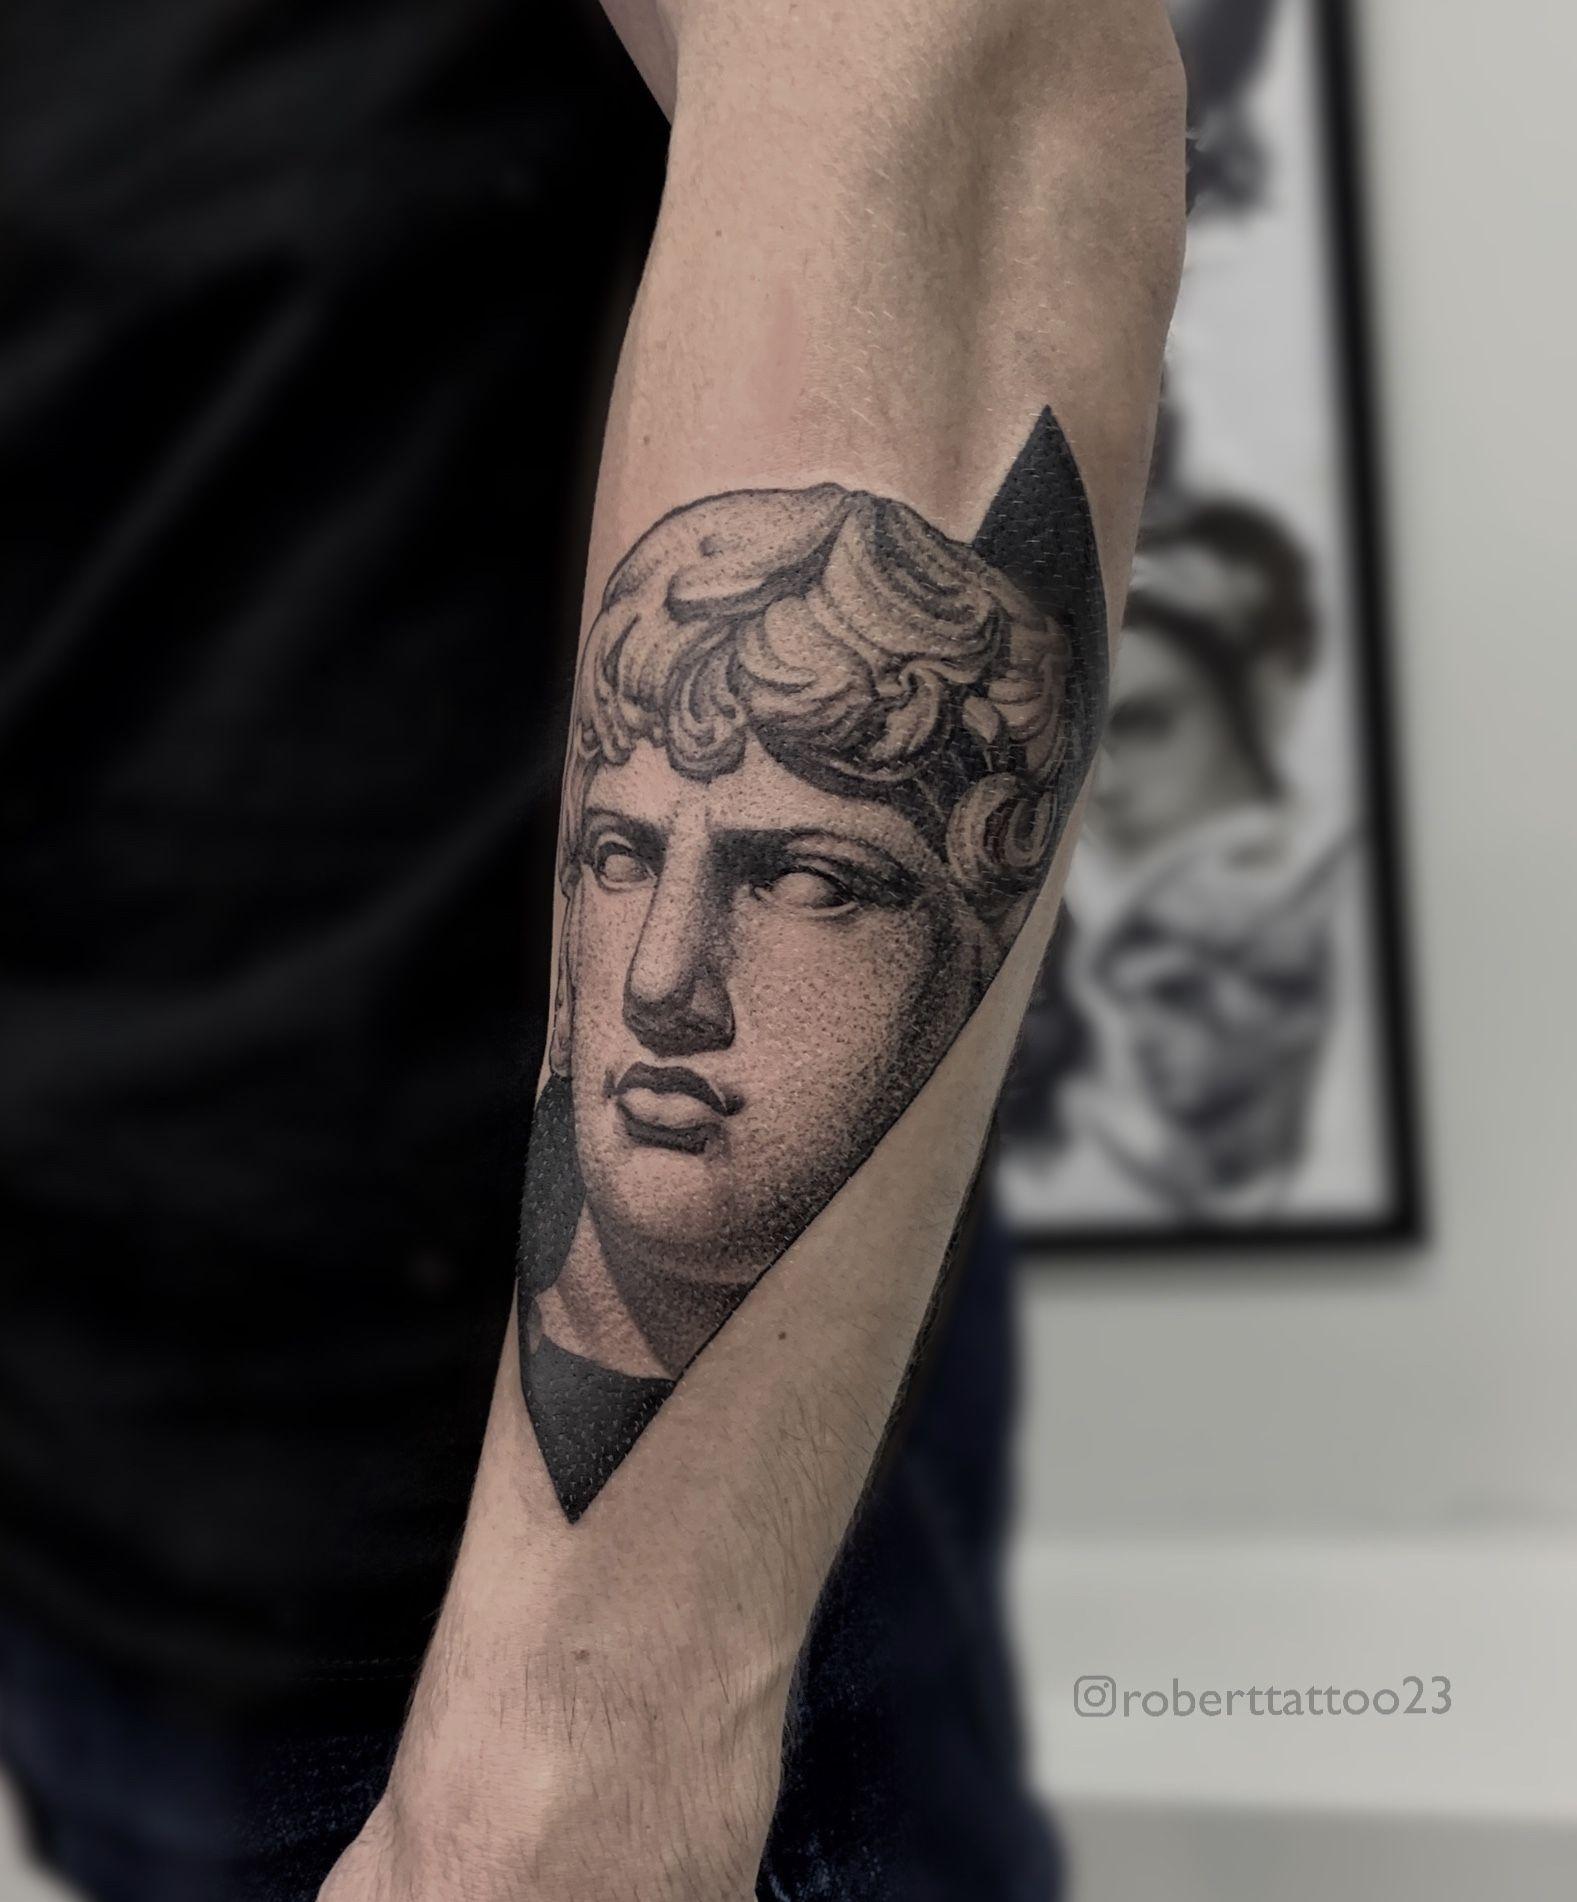 #roberttattoo23 #tattoonsk #tattoo #tattoos #tattoed #ink #inked #tattoogermany #tattoouk #tattoospain #darkartists #besttattoo #realism #tattoopoland #czechtattoo #blacktattoo #lettering #swedentattoo #tattoorealism #tattoonederland #finlandtattoo #tattoousa #татуэскиз #realistictattoo #tattoofrance #татуновосибирск